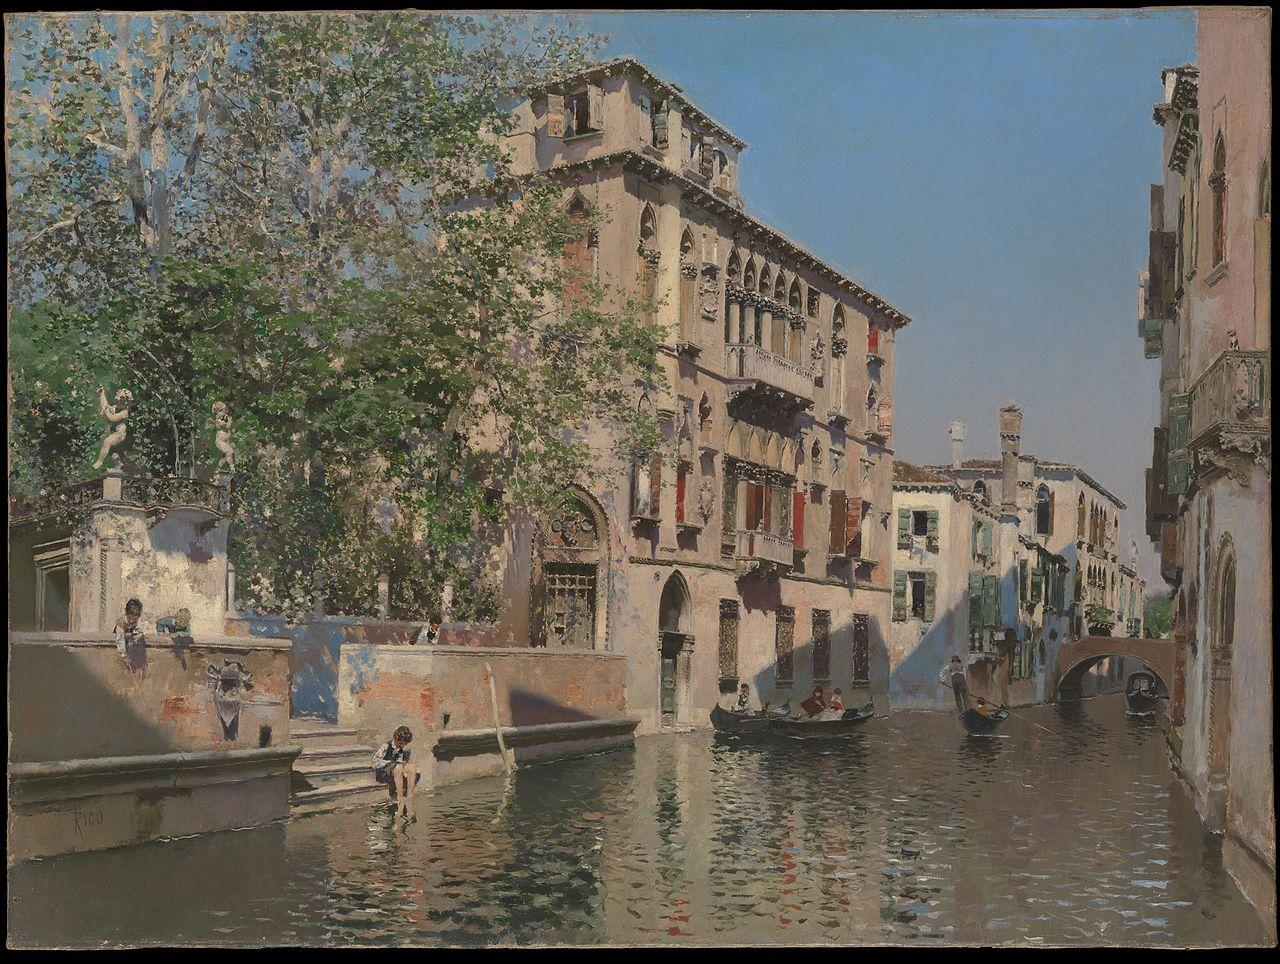 Канал в Венеции ВСТРЕТИЛСЯ DP267029.jpg